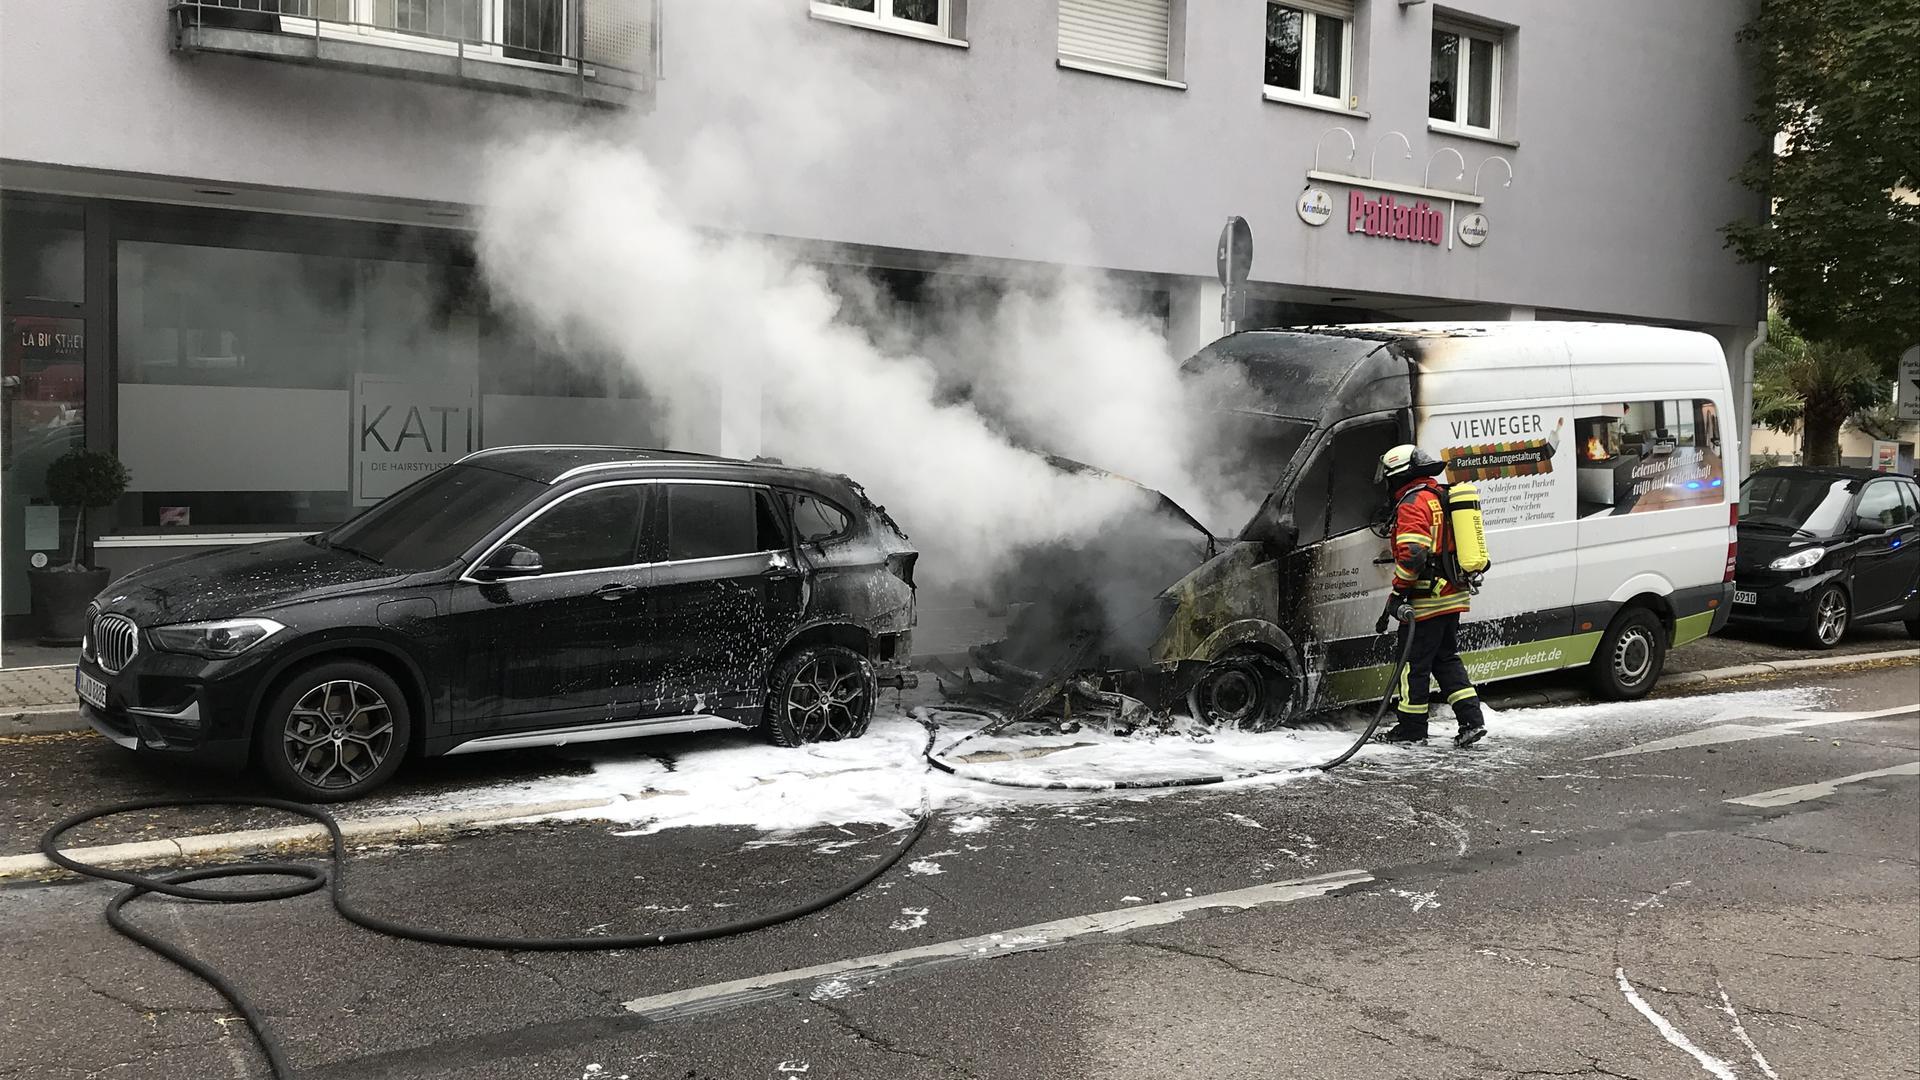 Ausgebrannt: Von der Motorhaube des Transporters, der am Montagmorgen in der Ettlingen Schillerstraße in Brand geriet, war bald nicht mehr viel zu sehen. Die Feuerwehrleute waren mit Atemschutzgeräten im Einsatz.